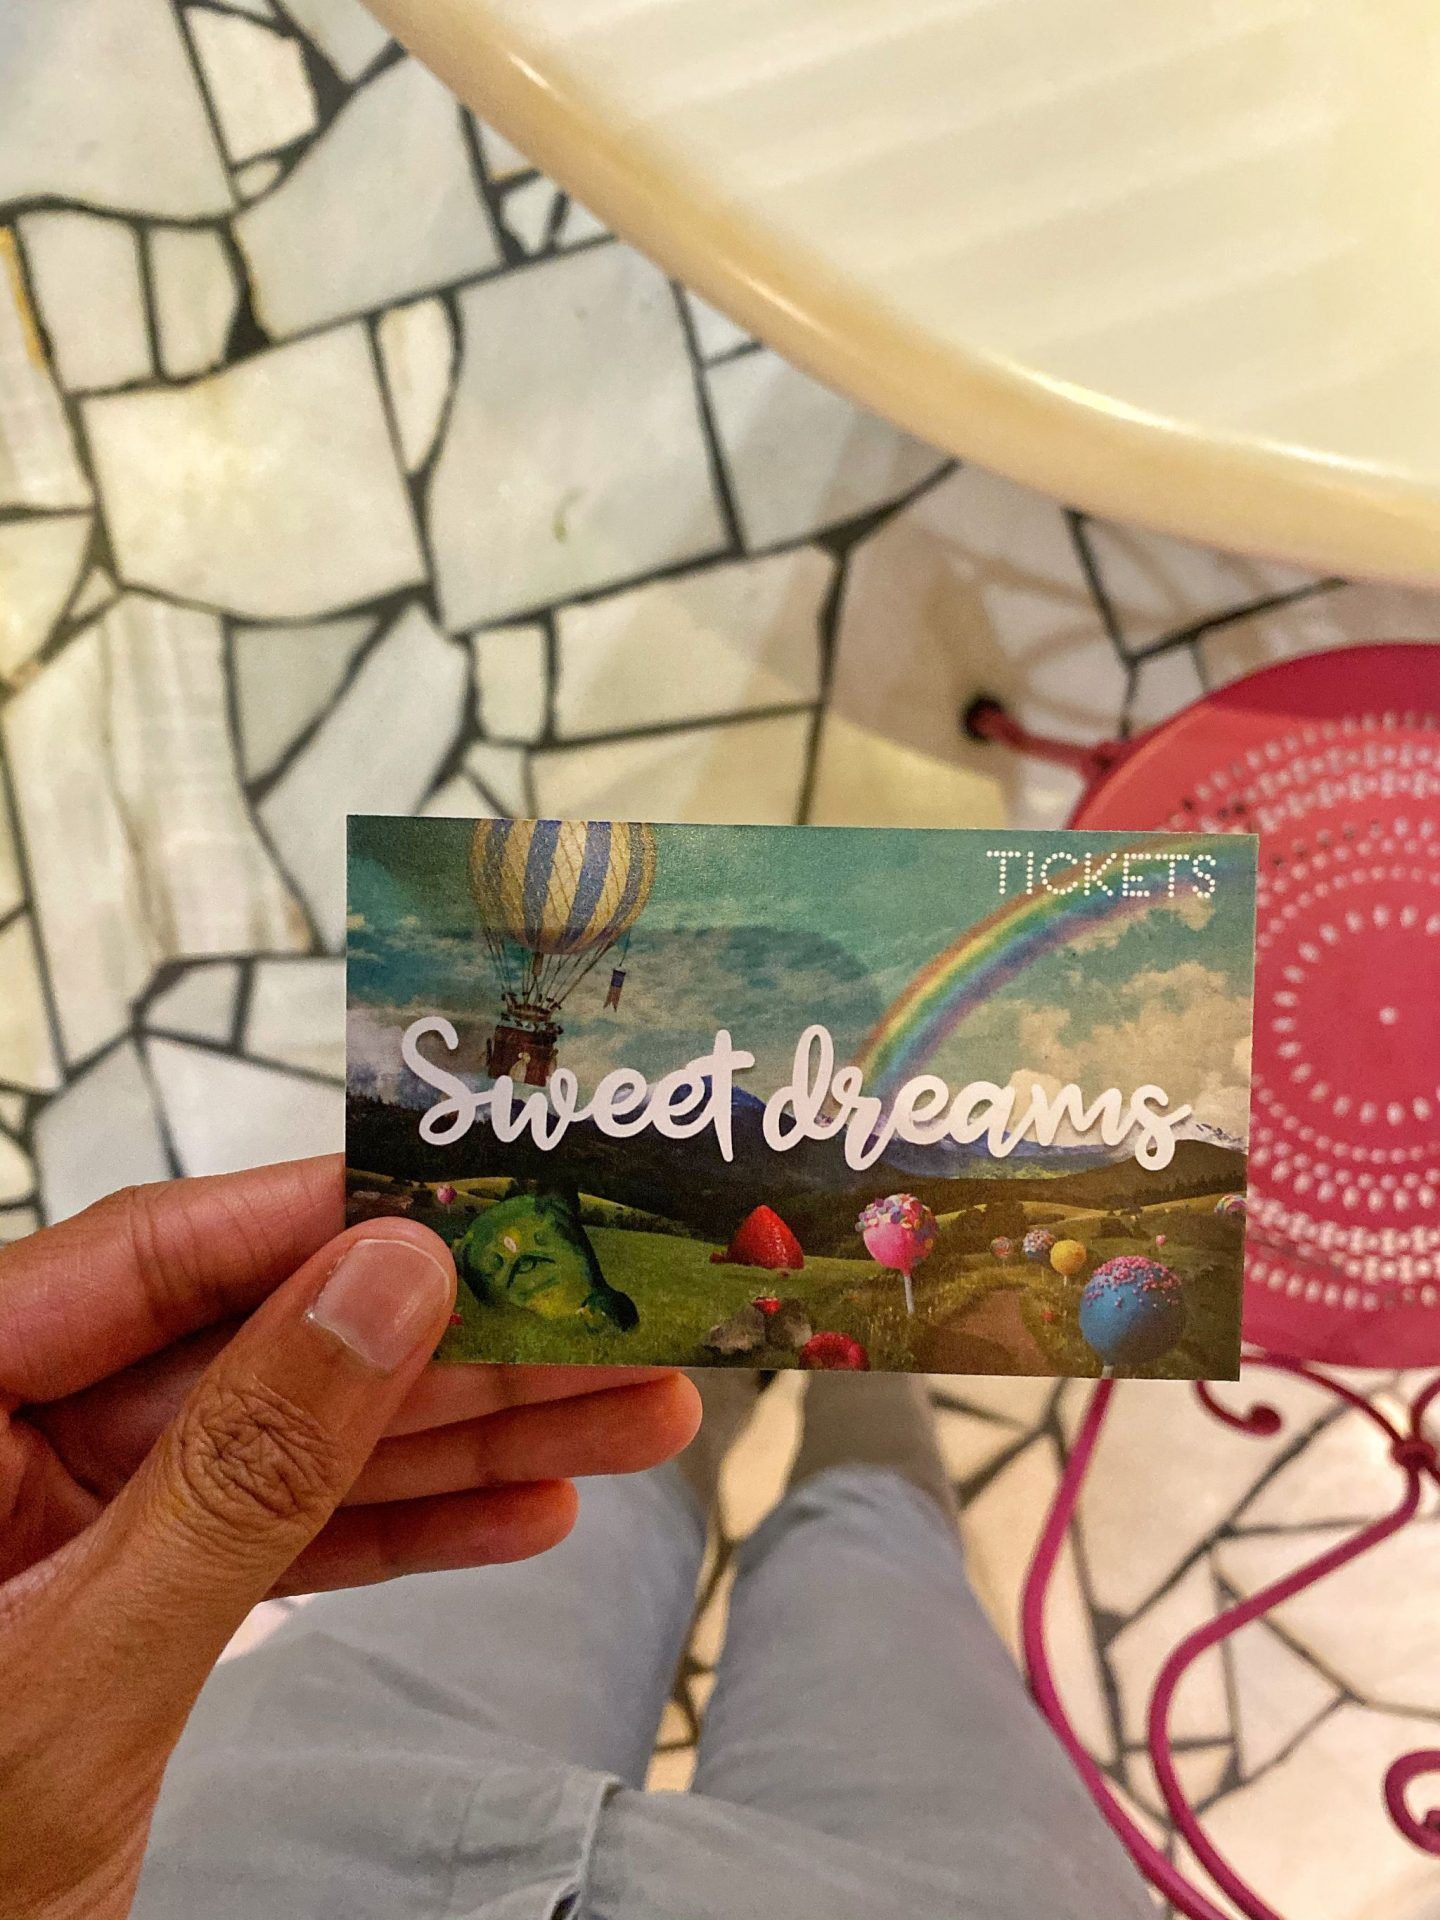 Dessert ticket